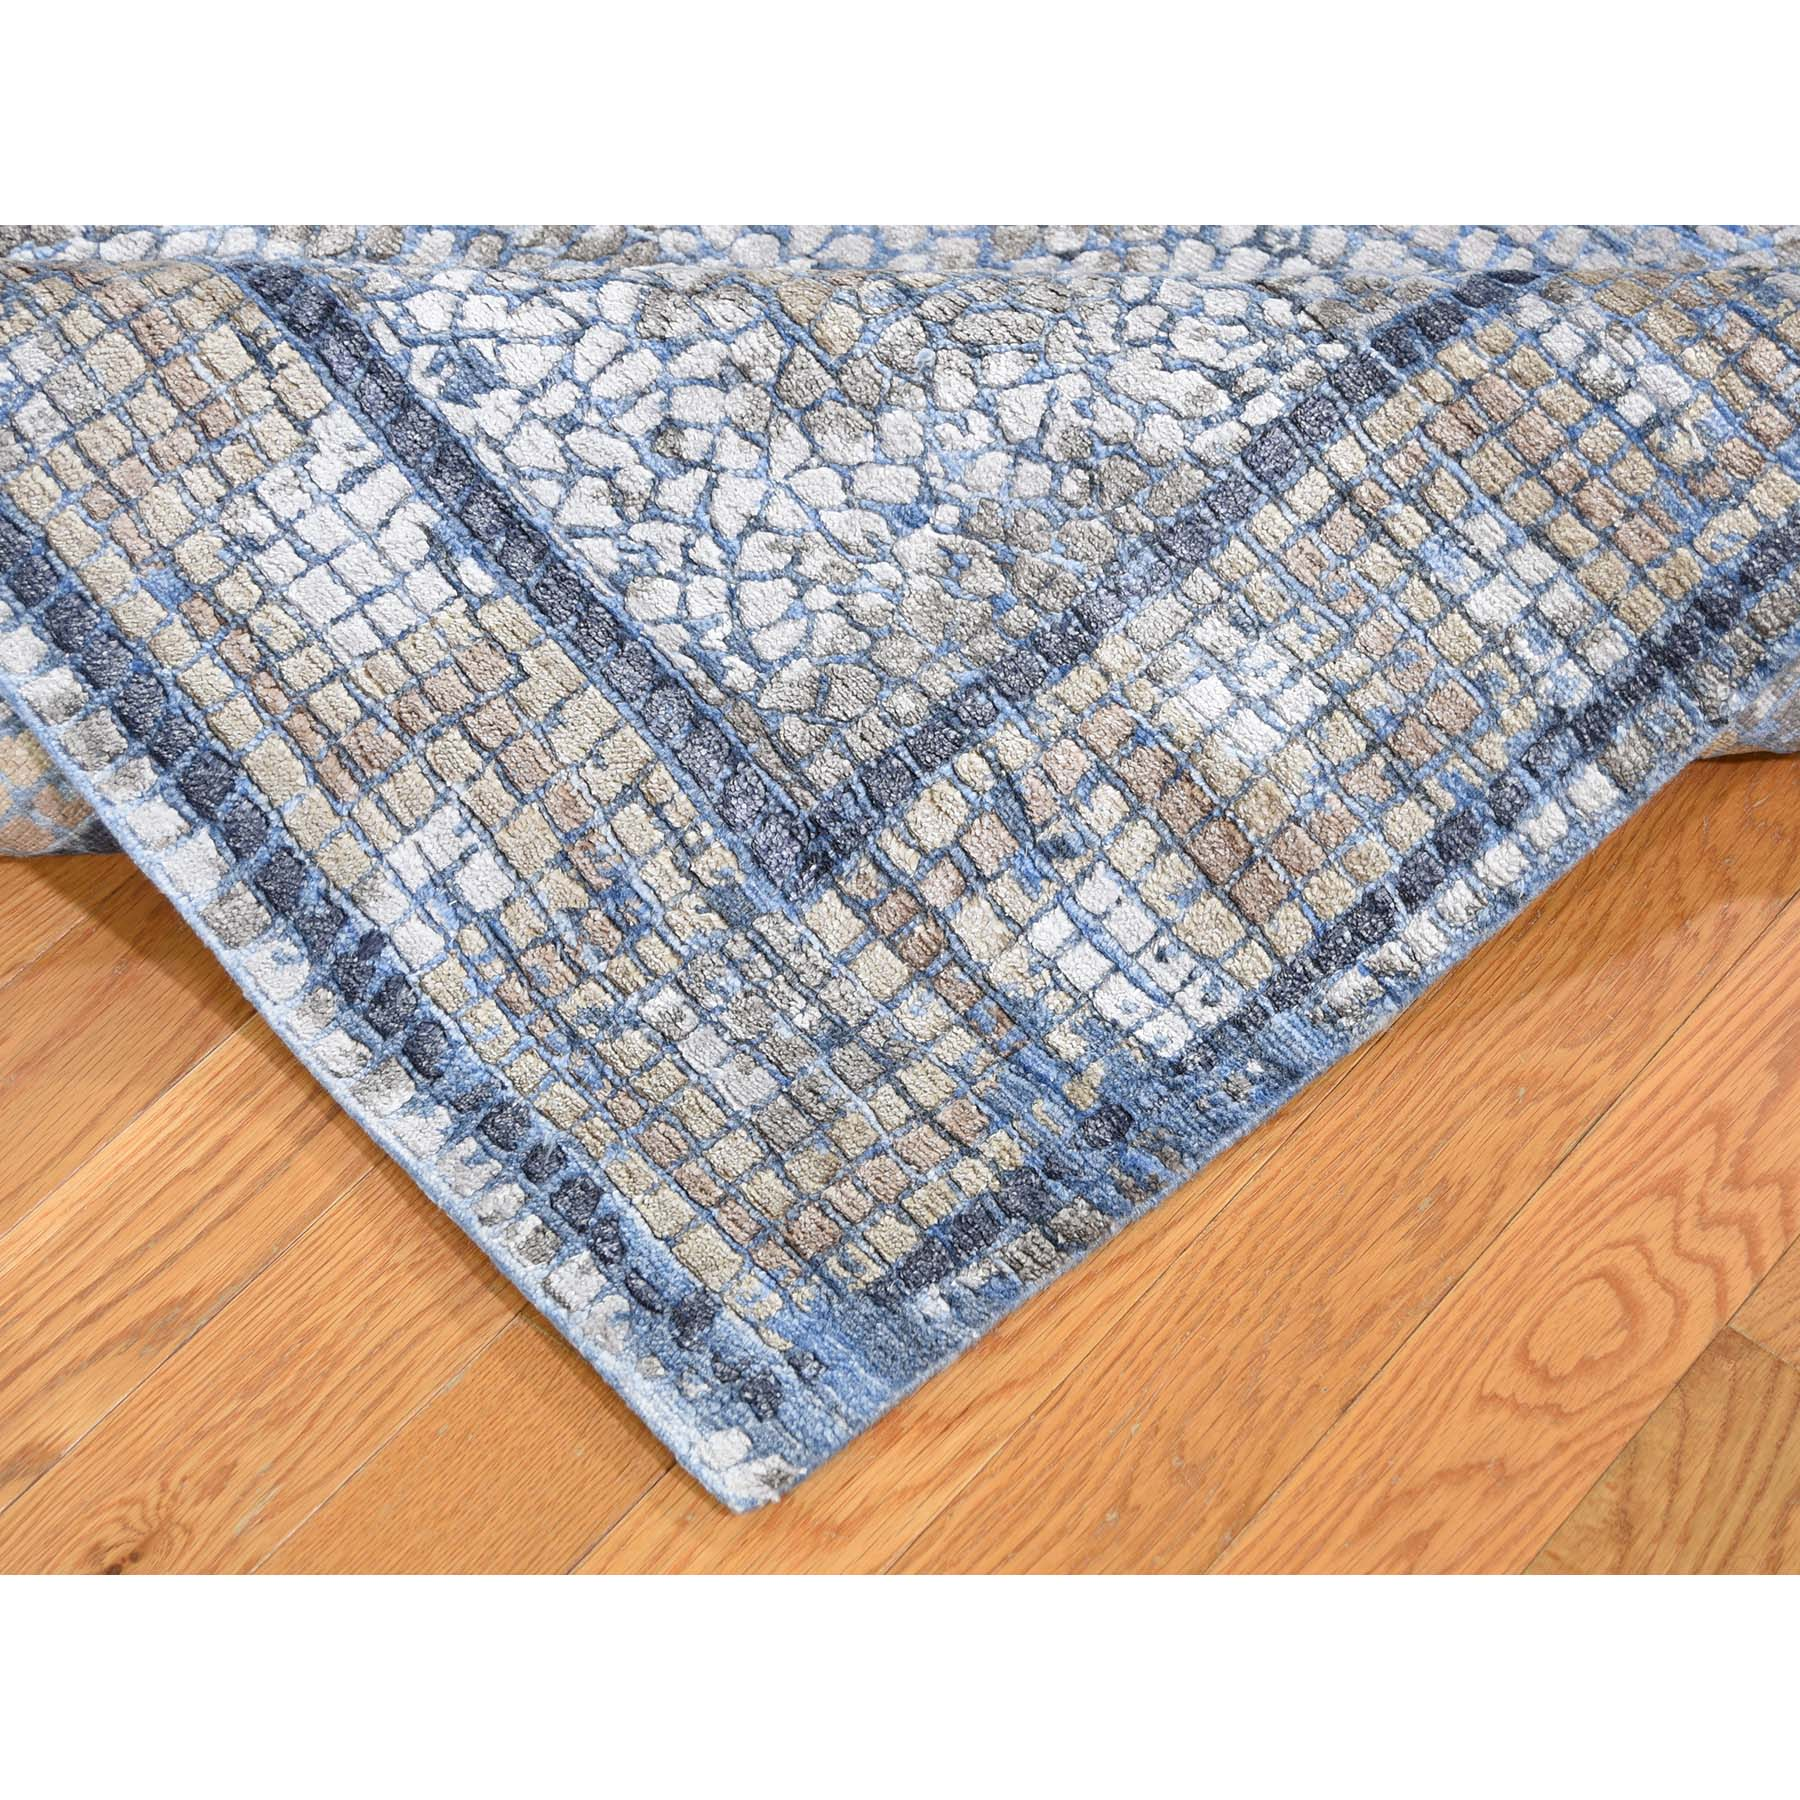 5-2 x6-10  Denim Silken Roman Mosaic Design Hand-Knotted Oriental Rug